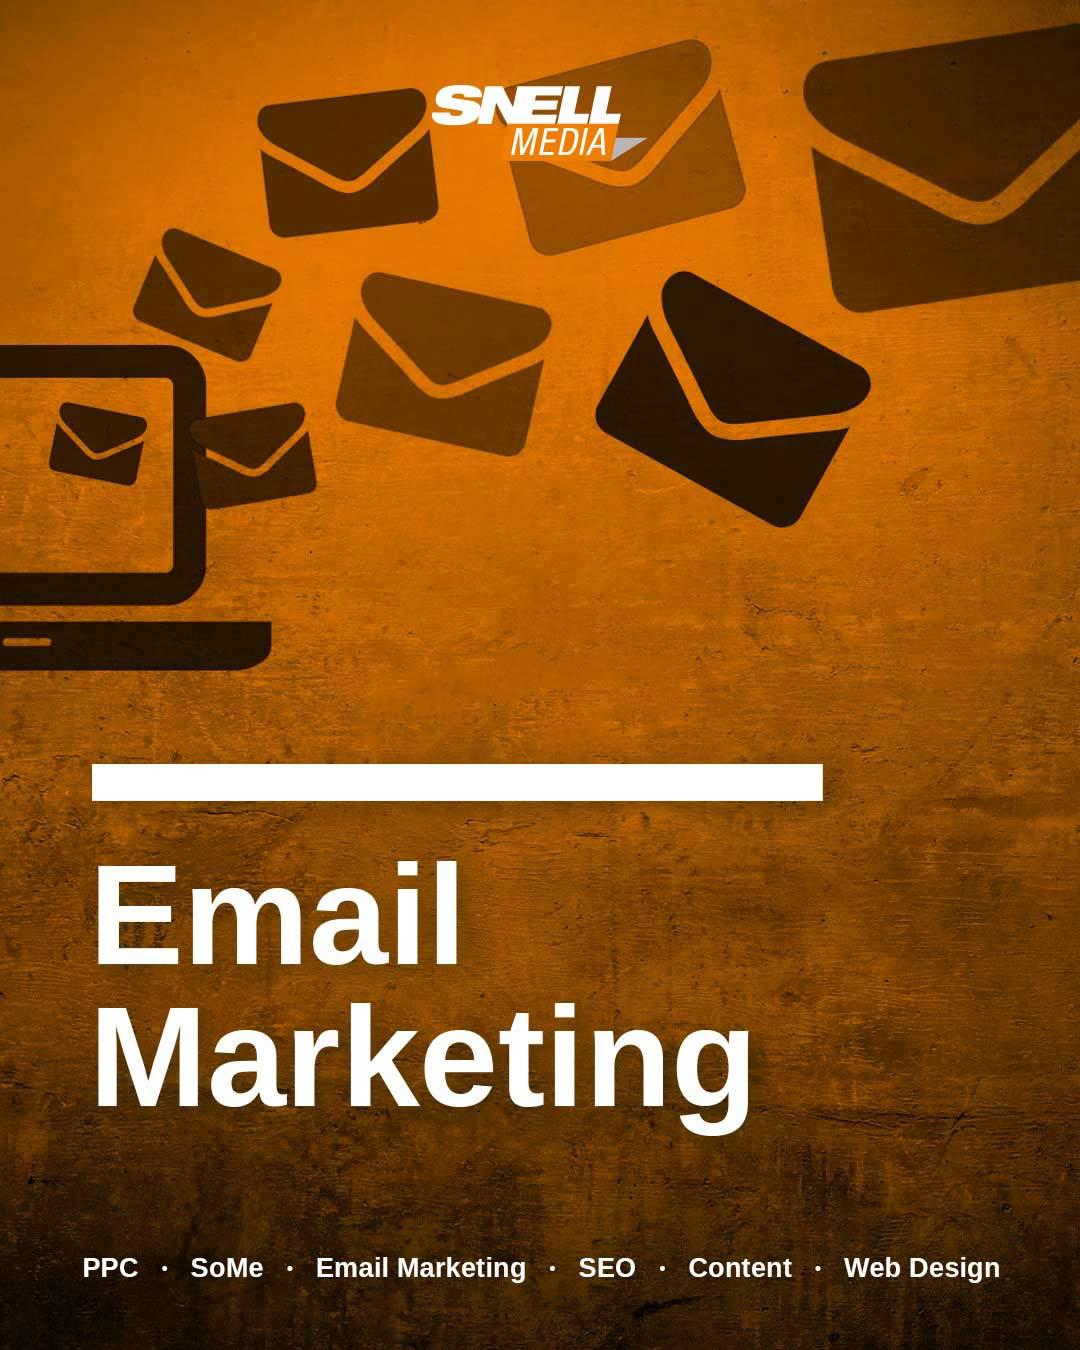 Email Marketing 1st B2B Digital Marketing Trend